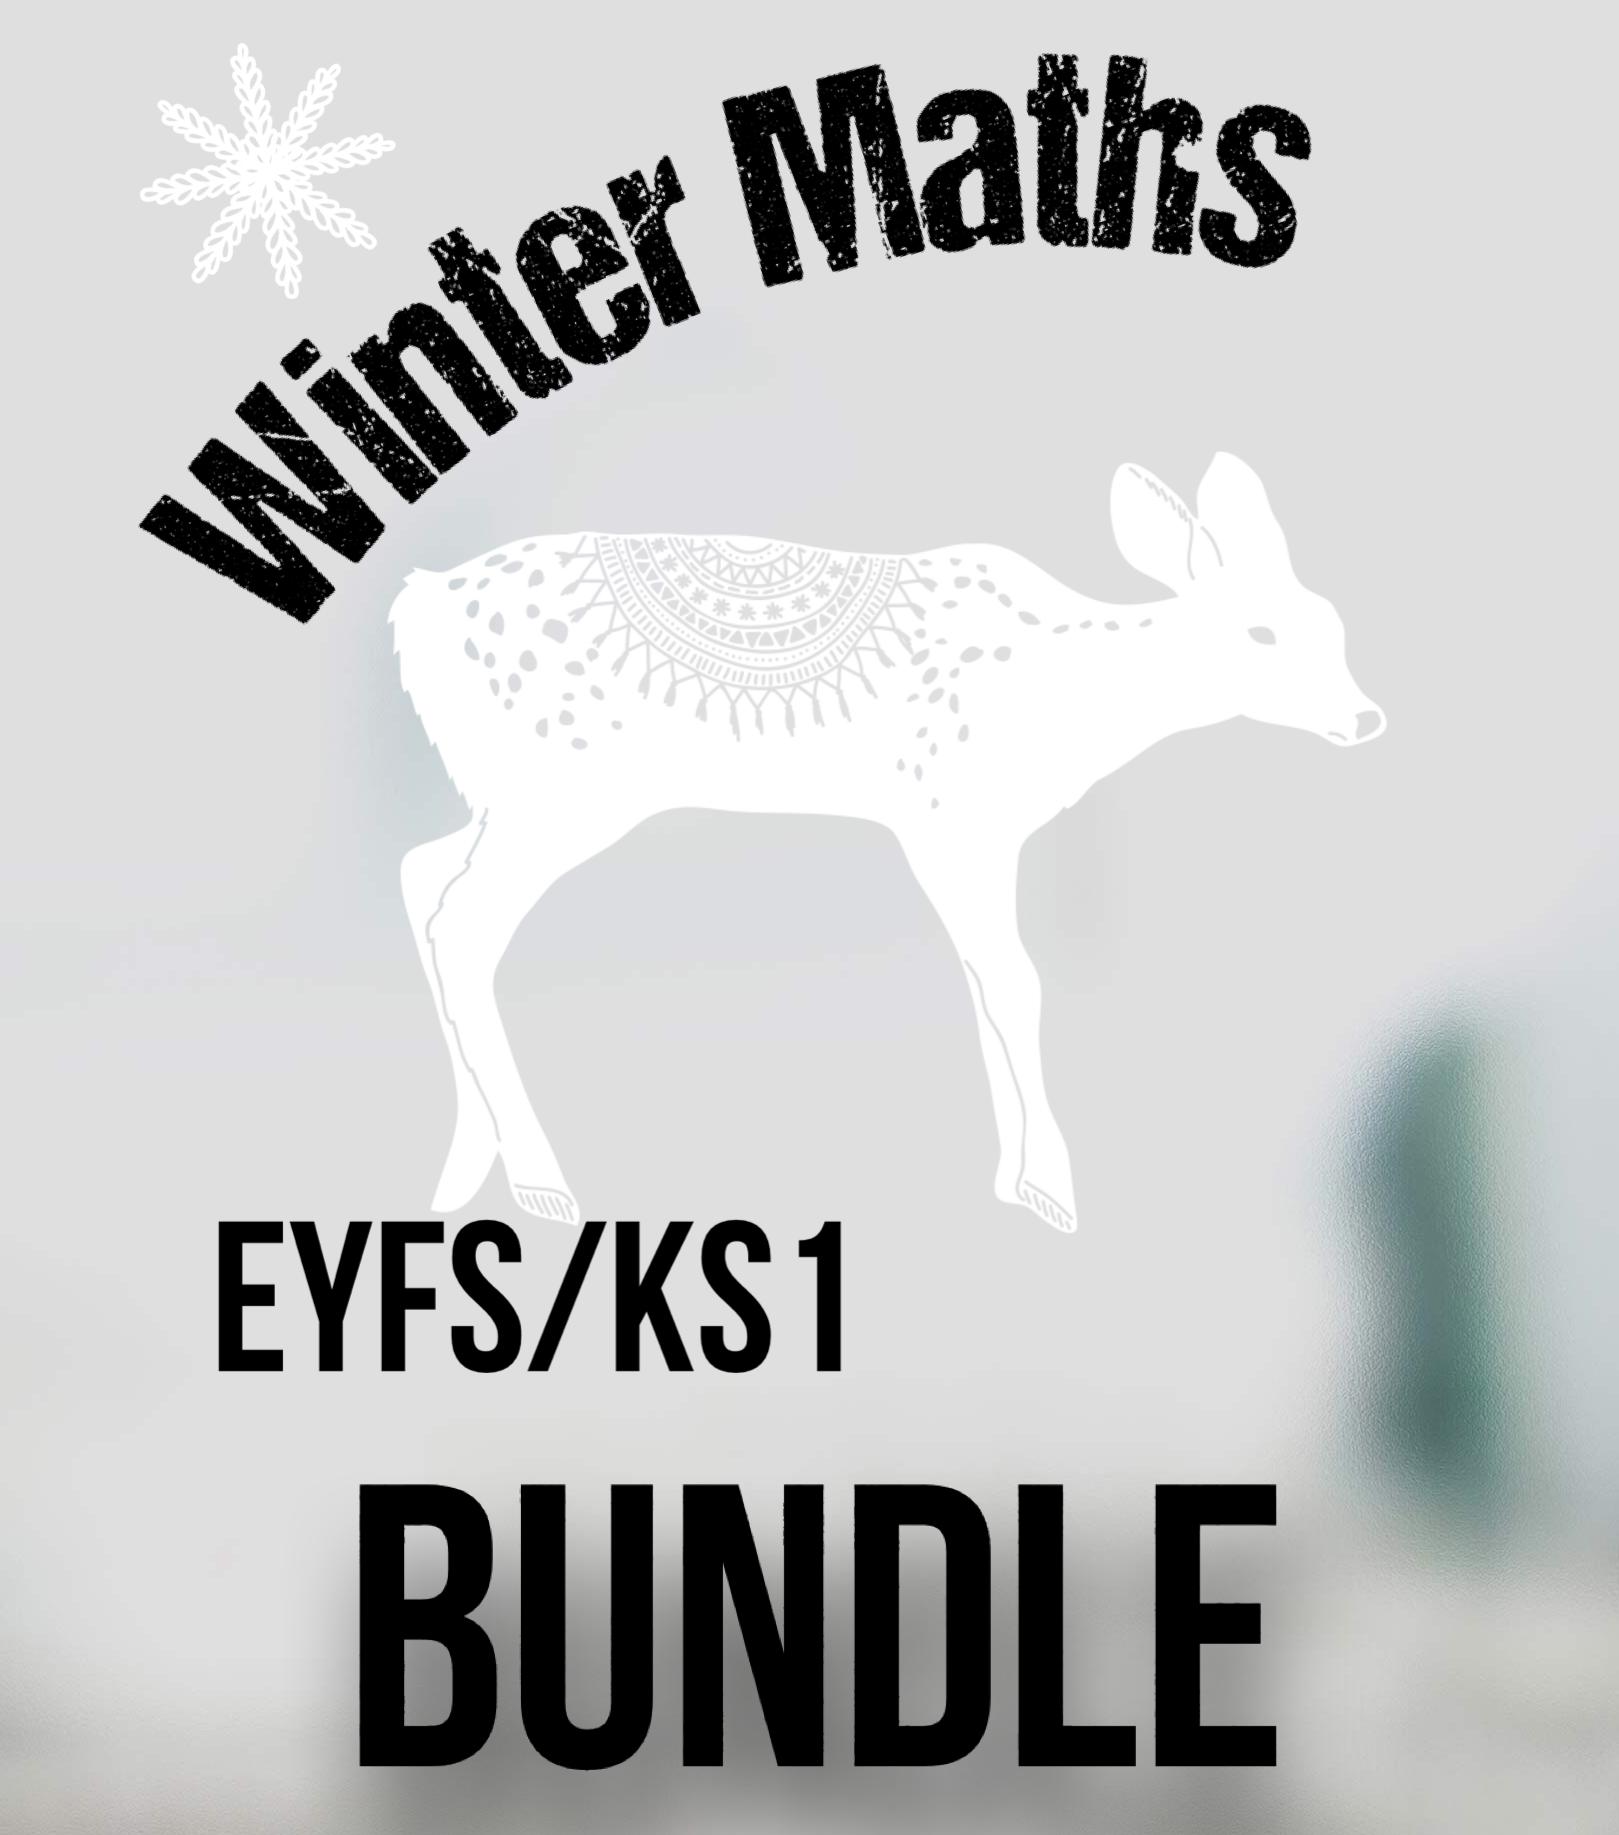 Winter Maths Bundle for EYFS/KS1